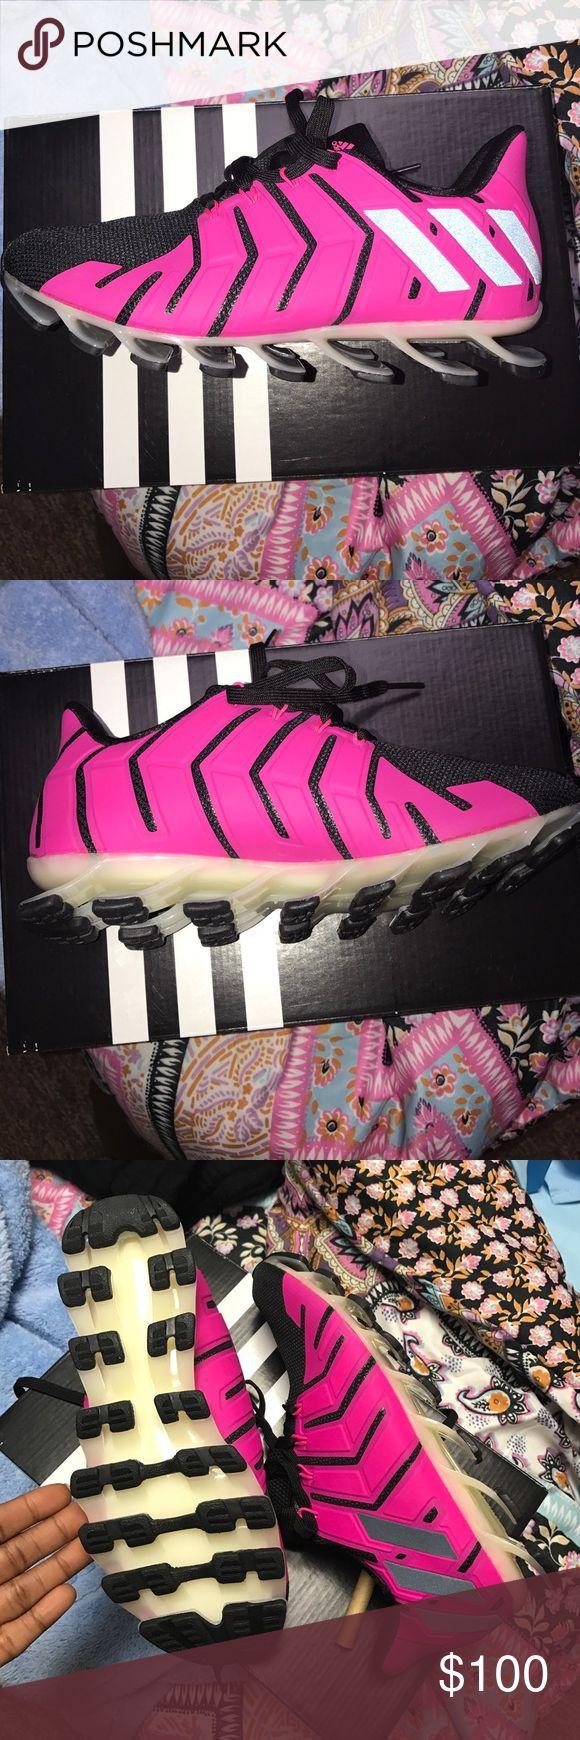 Cheapest E2efb Cd870 Adidas Springblade Pro Pink Golf Pure 360 Gripmore Mens Shoes Biru B03739